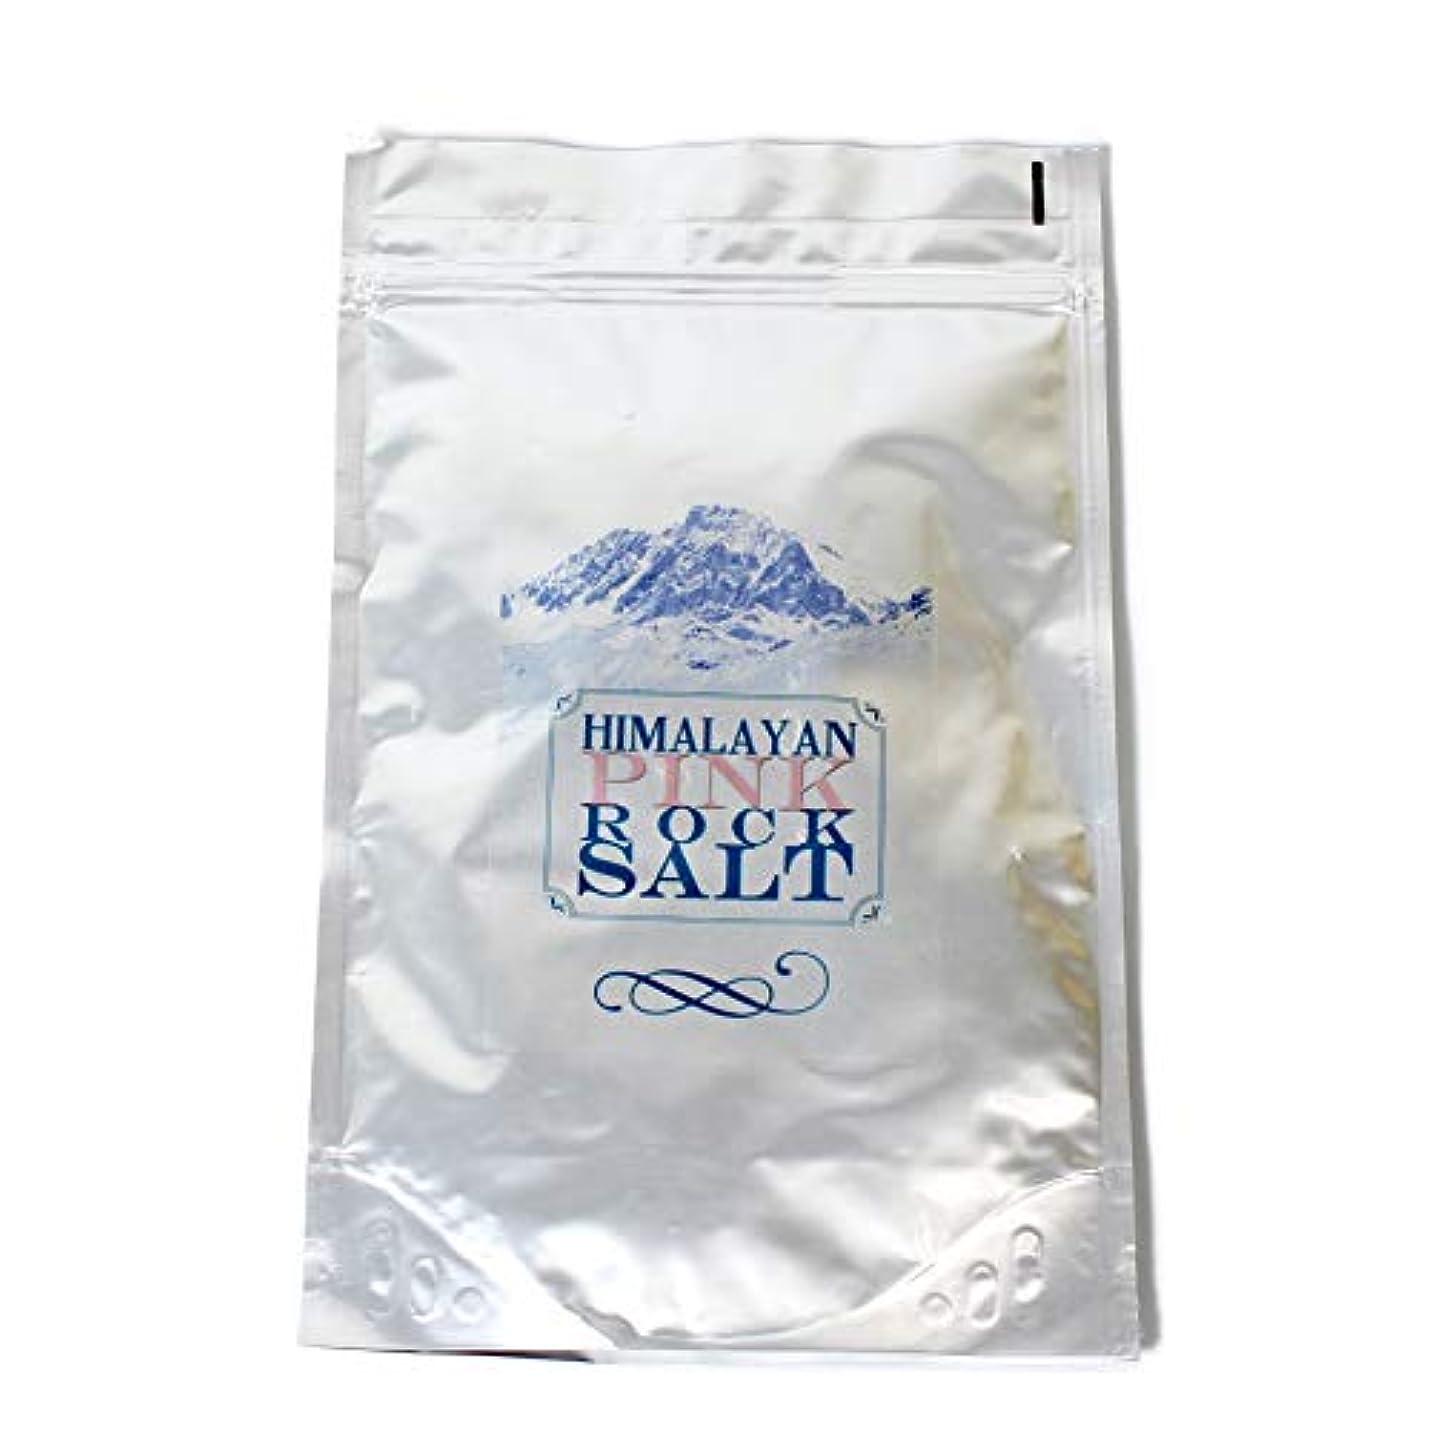 二年生タイムリーな昇進Himalayan Pink Rock Salt - 1Kg